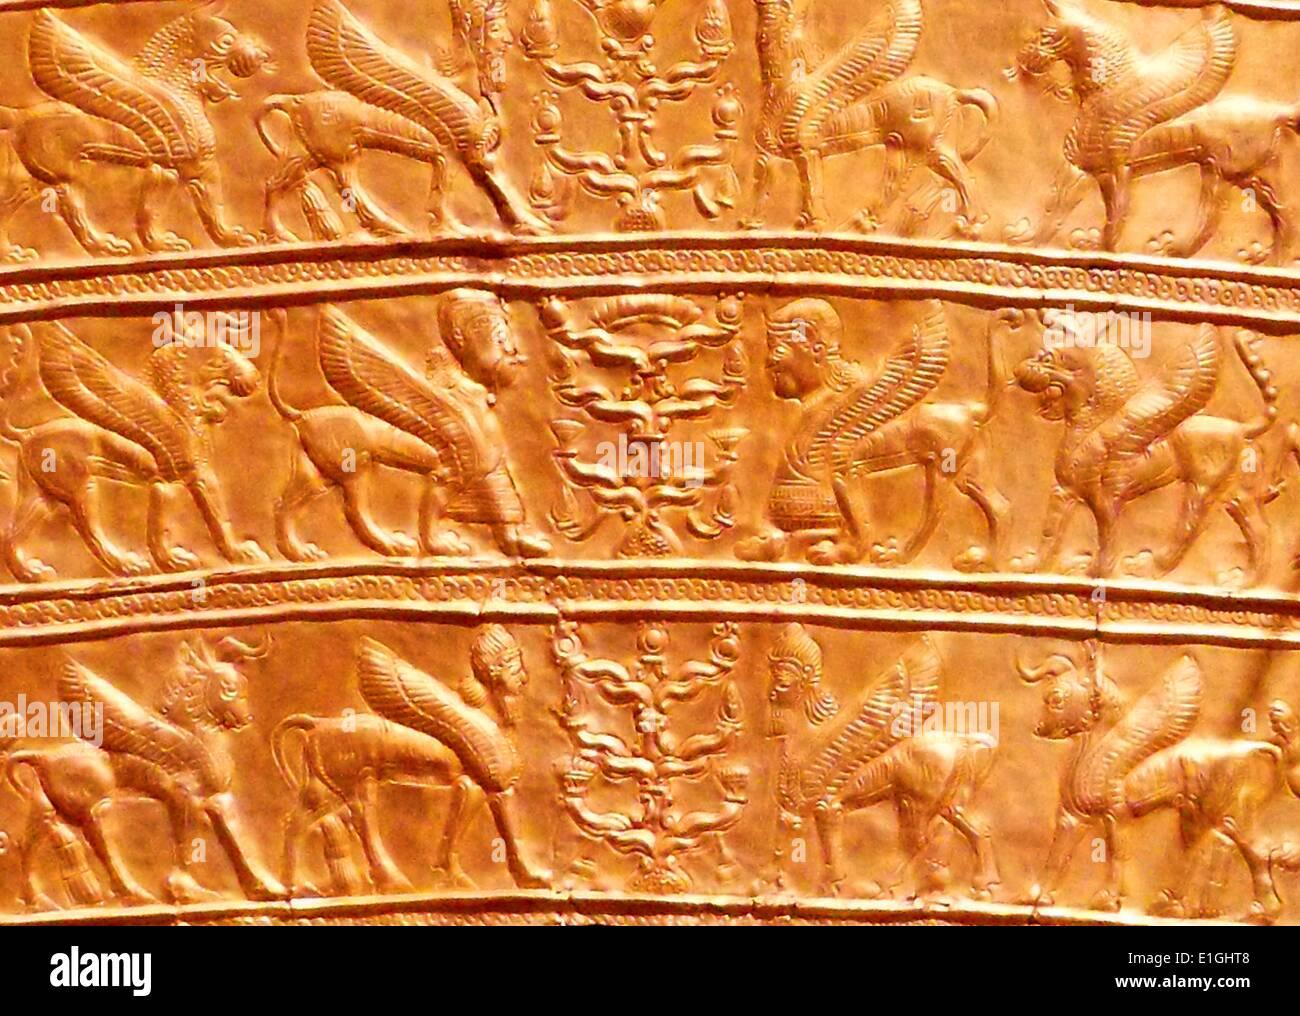 Placas con criaturas aladas acercando árboles estilizados. Oro, del noroeste de Irán, 8ª-7ª siglo A.C. Imagen De Stock